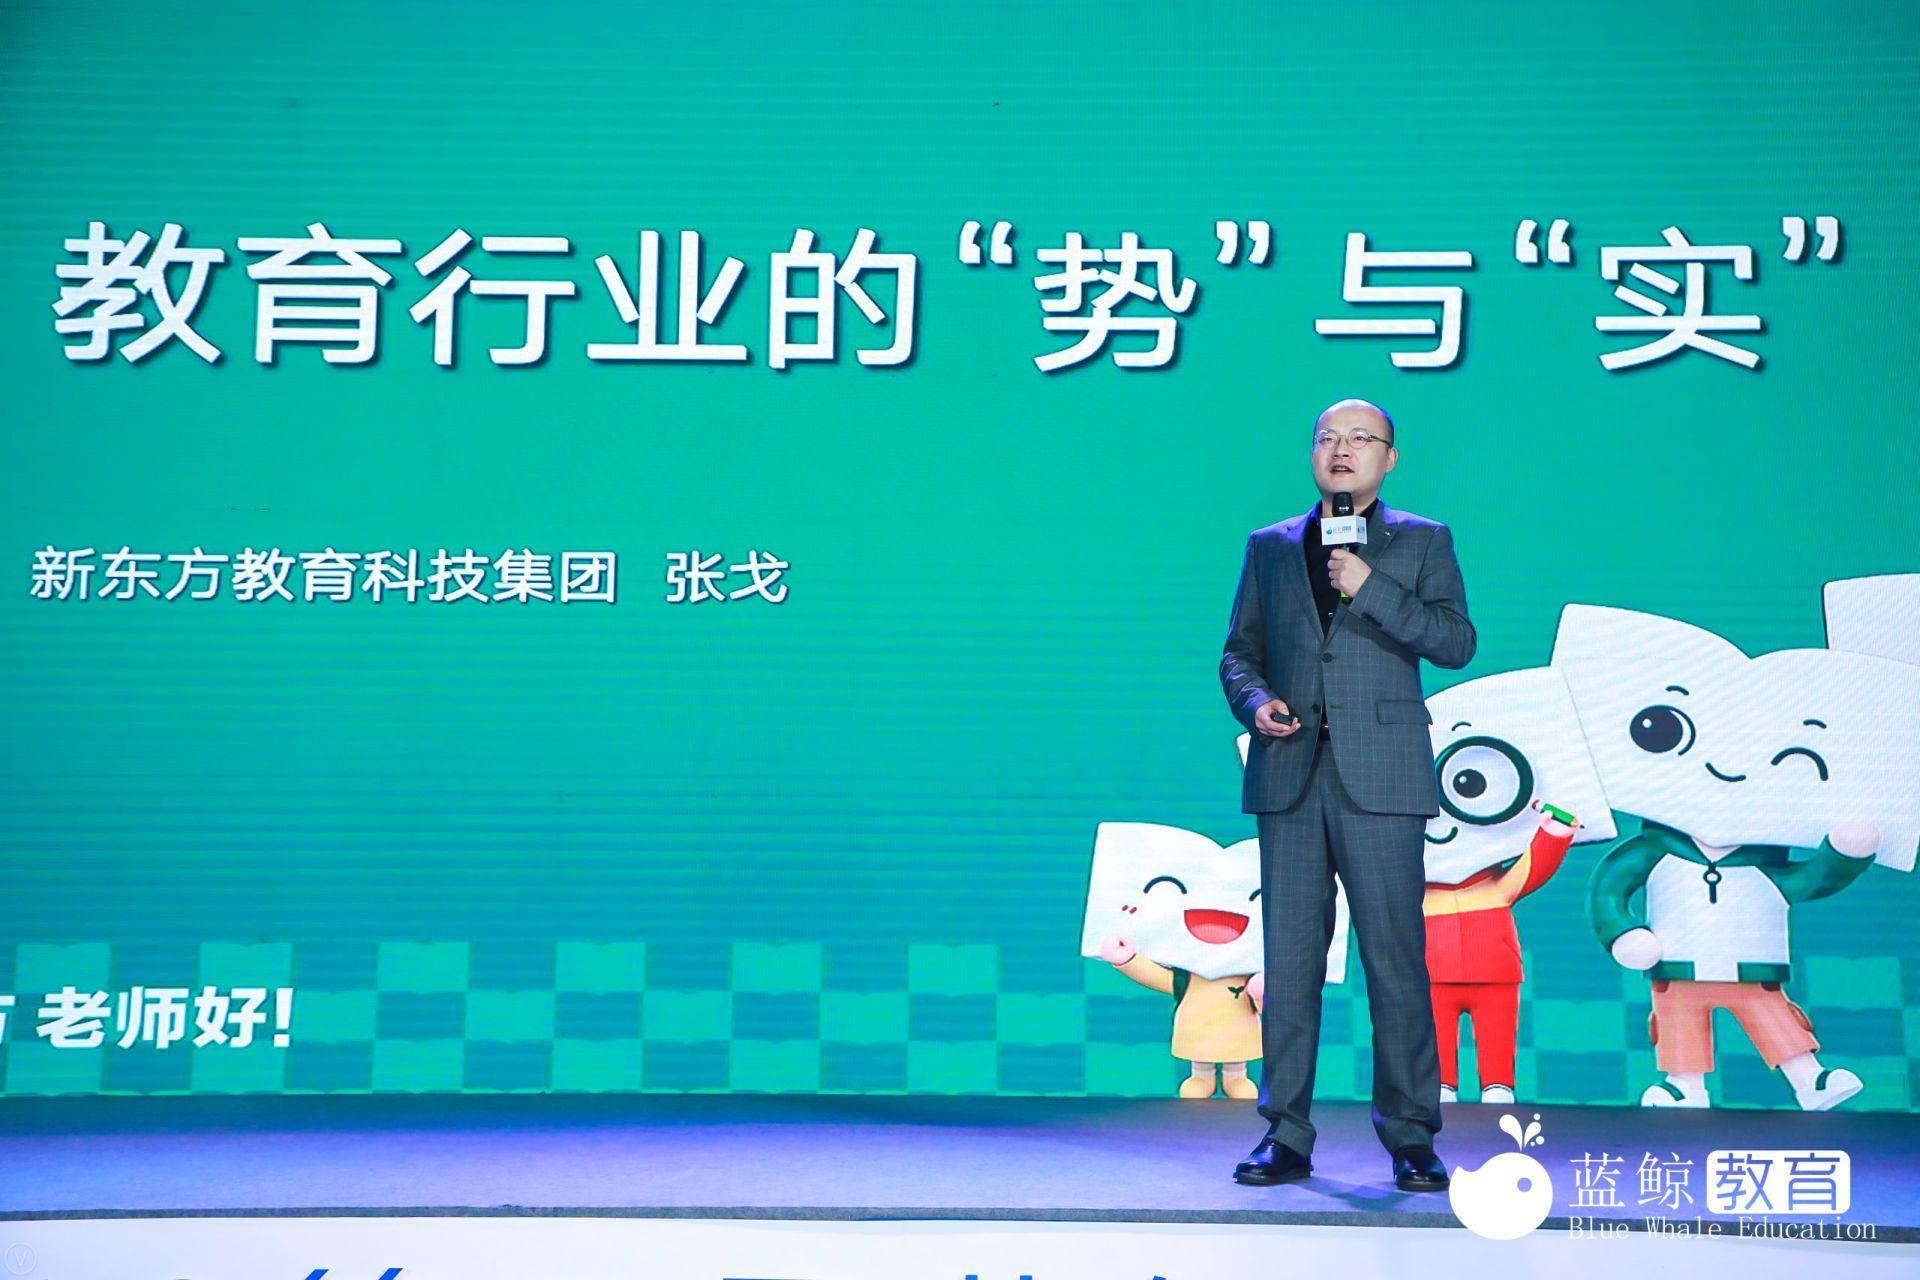 年会报道   新东方俞敏洪、张戈:教培机构要一起做一件正确的事情